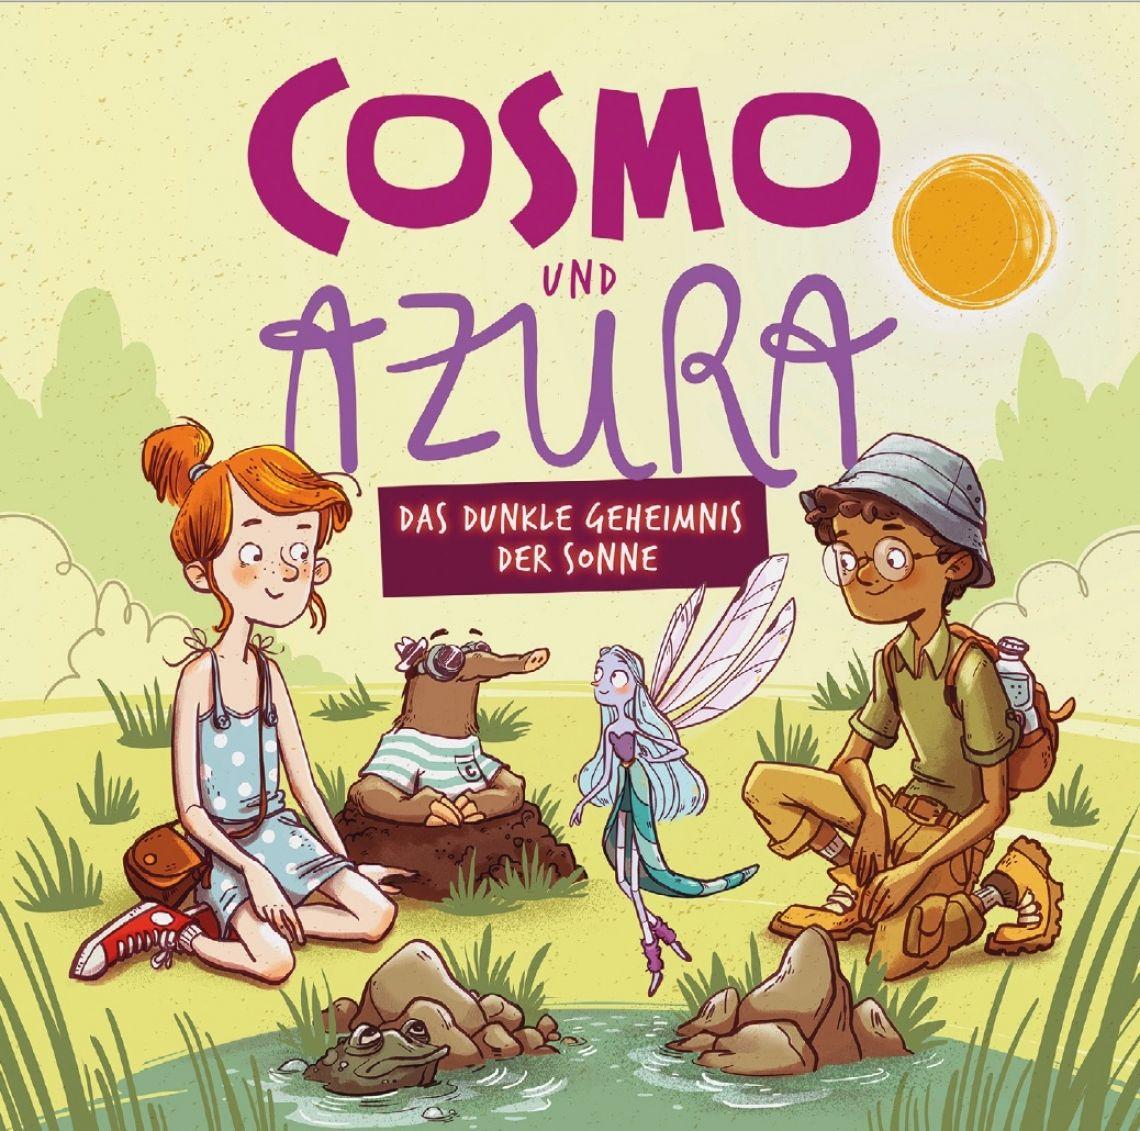 """Cosmo und Azura Cover zum Hörspiel """"Cosmo und Azura"""" mit Nadine Sieben, Rolf Zuckowski u.a."""